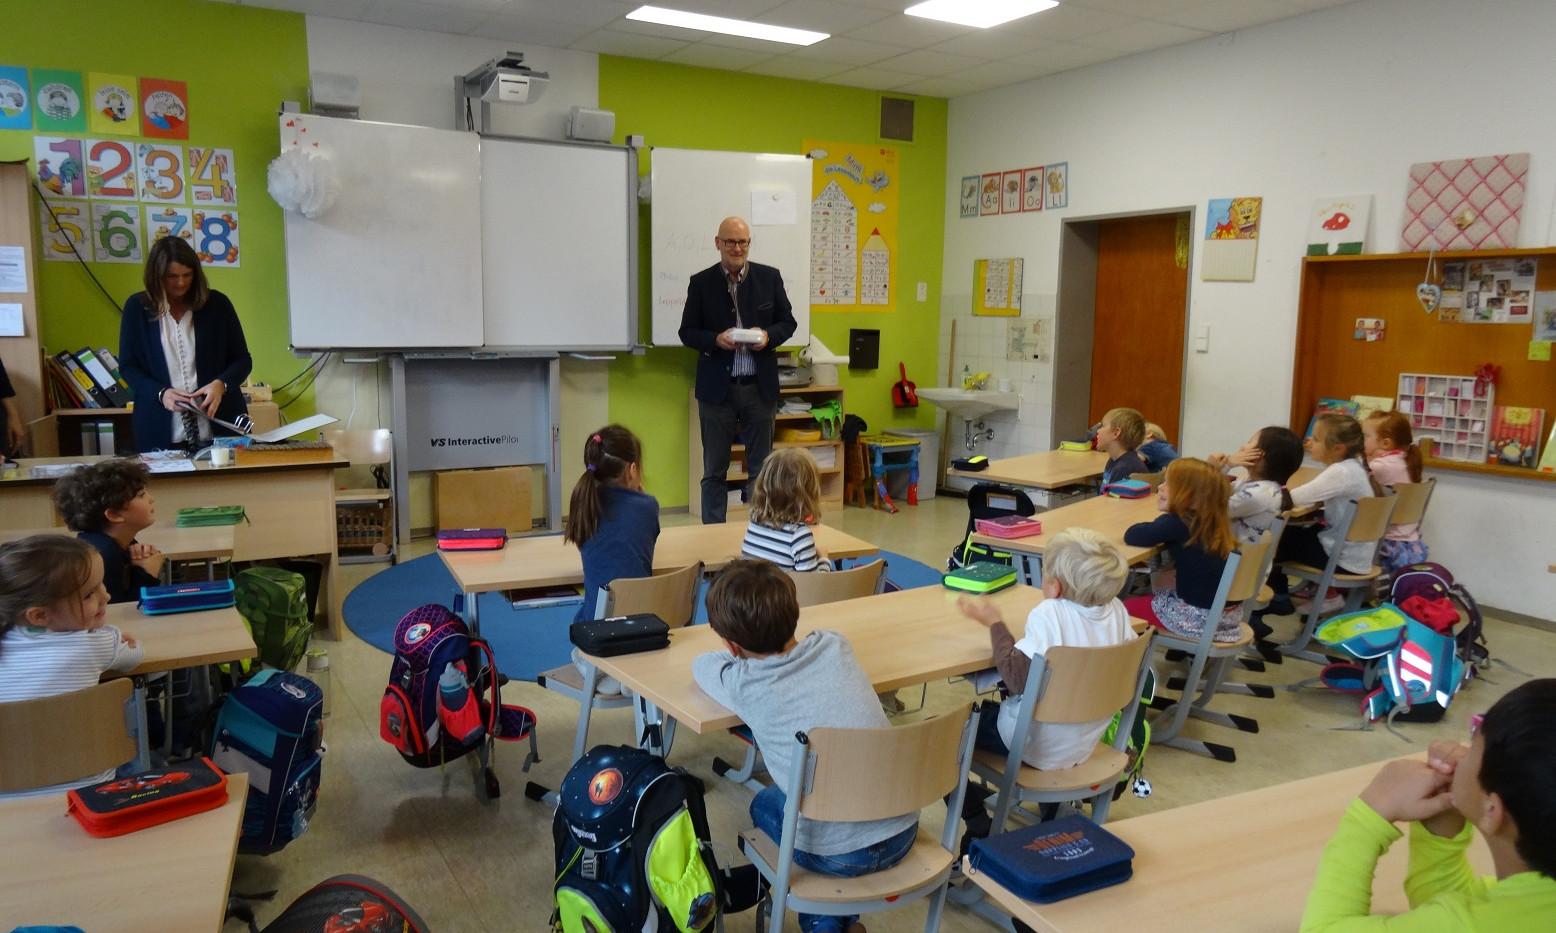 Herr Bürgermeister Haux überreicht den 1.Klassen Bio-Brotzeitboxen für ein gesundes Pausenbrot